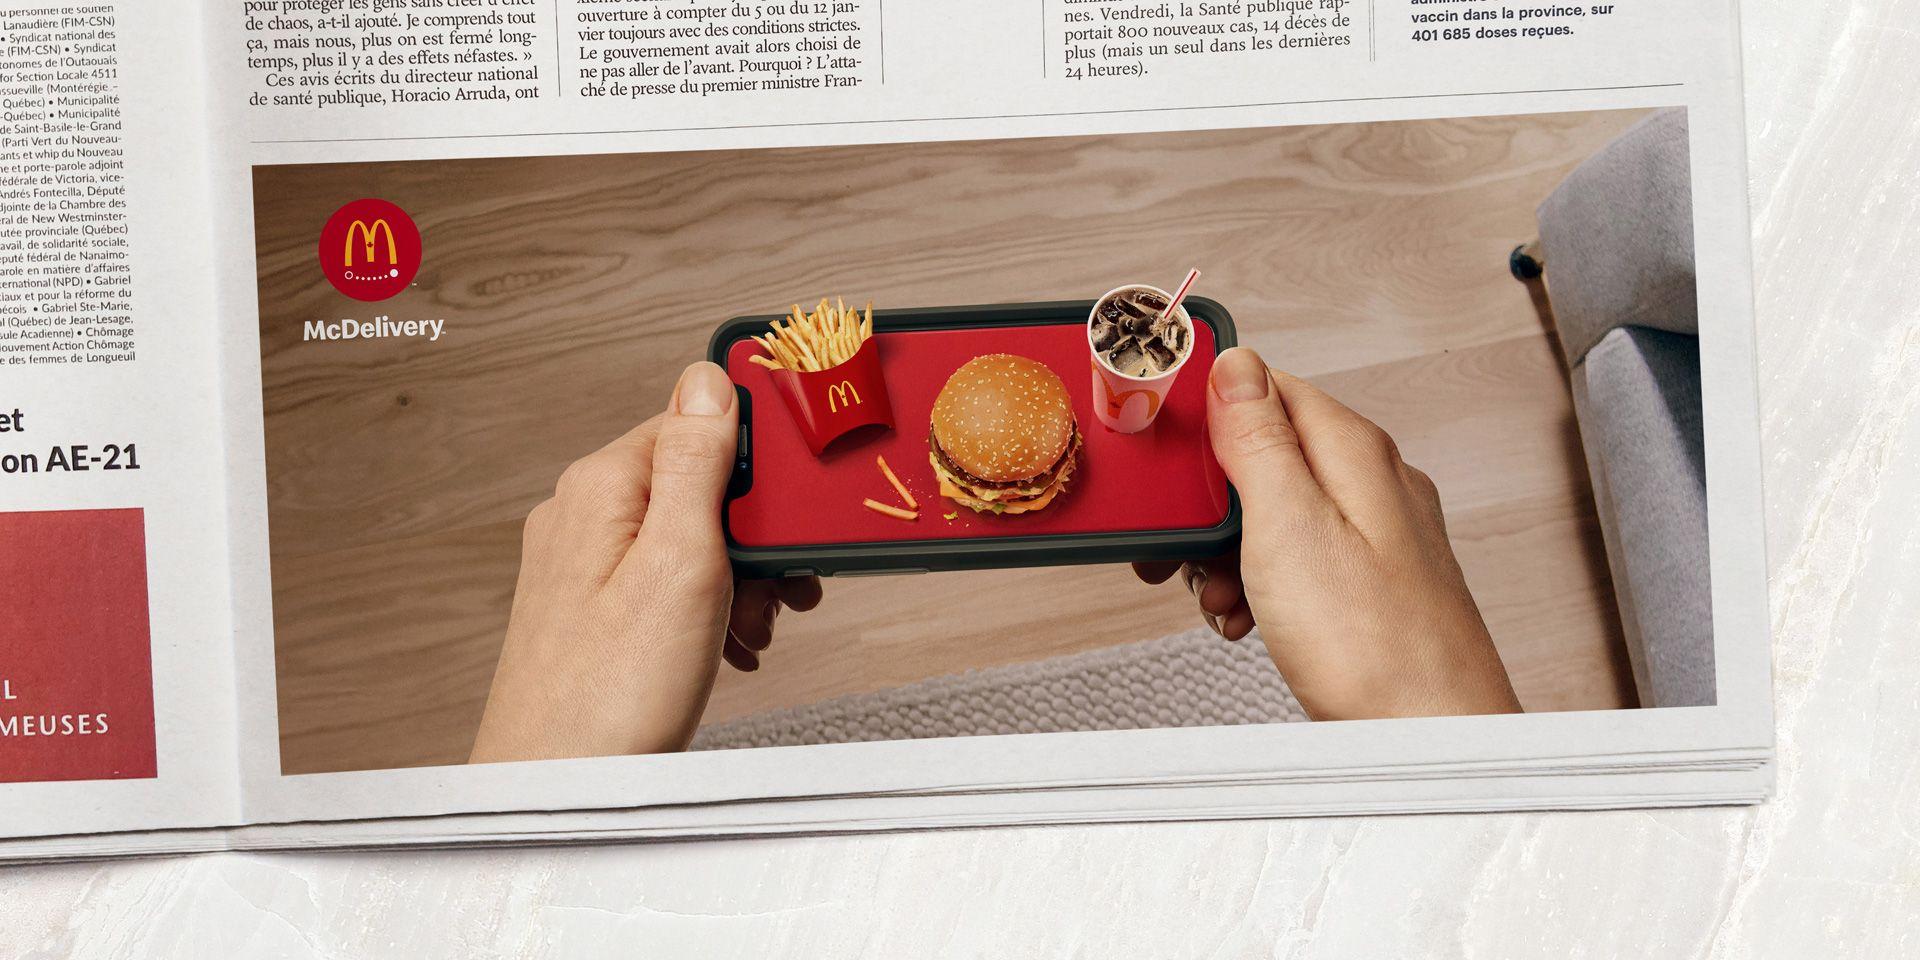 Dans un journal, il y a une photo publicitaire de deux mains tenant un plateau qui est un téléphone portable avec un trio McDonald's dessus.